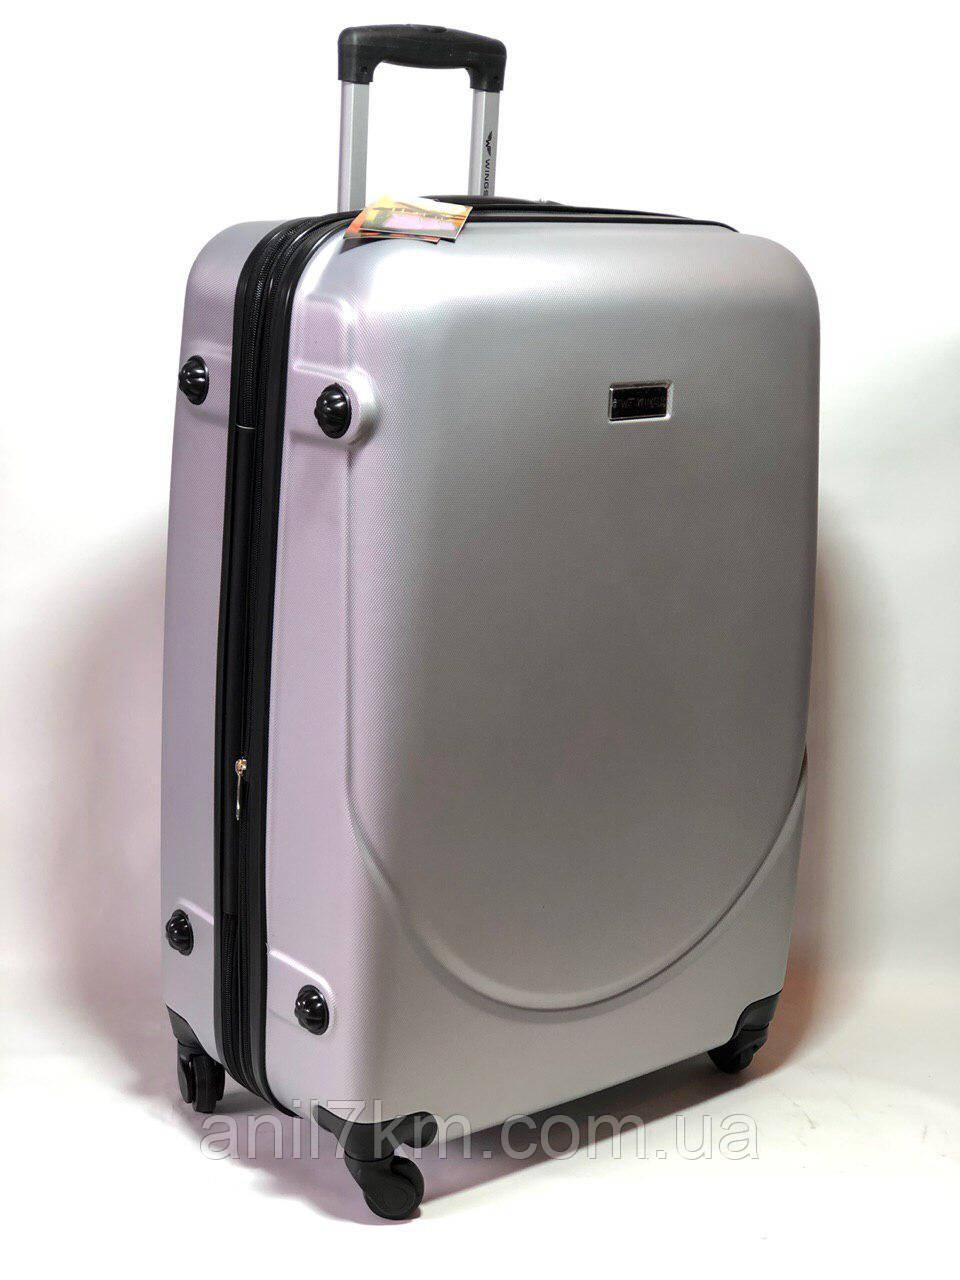 Великий пластиковий чемодан на чотирьох колесах wings